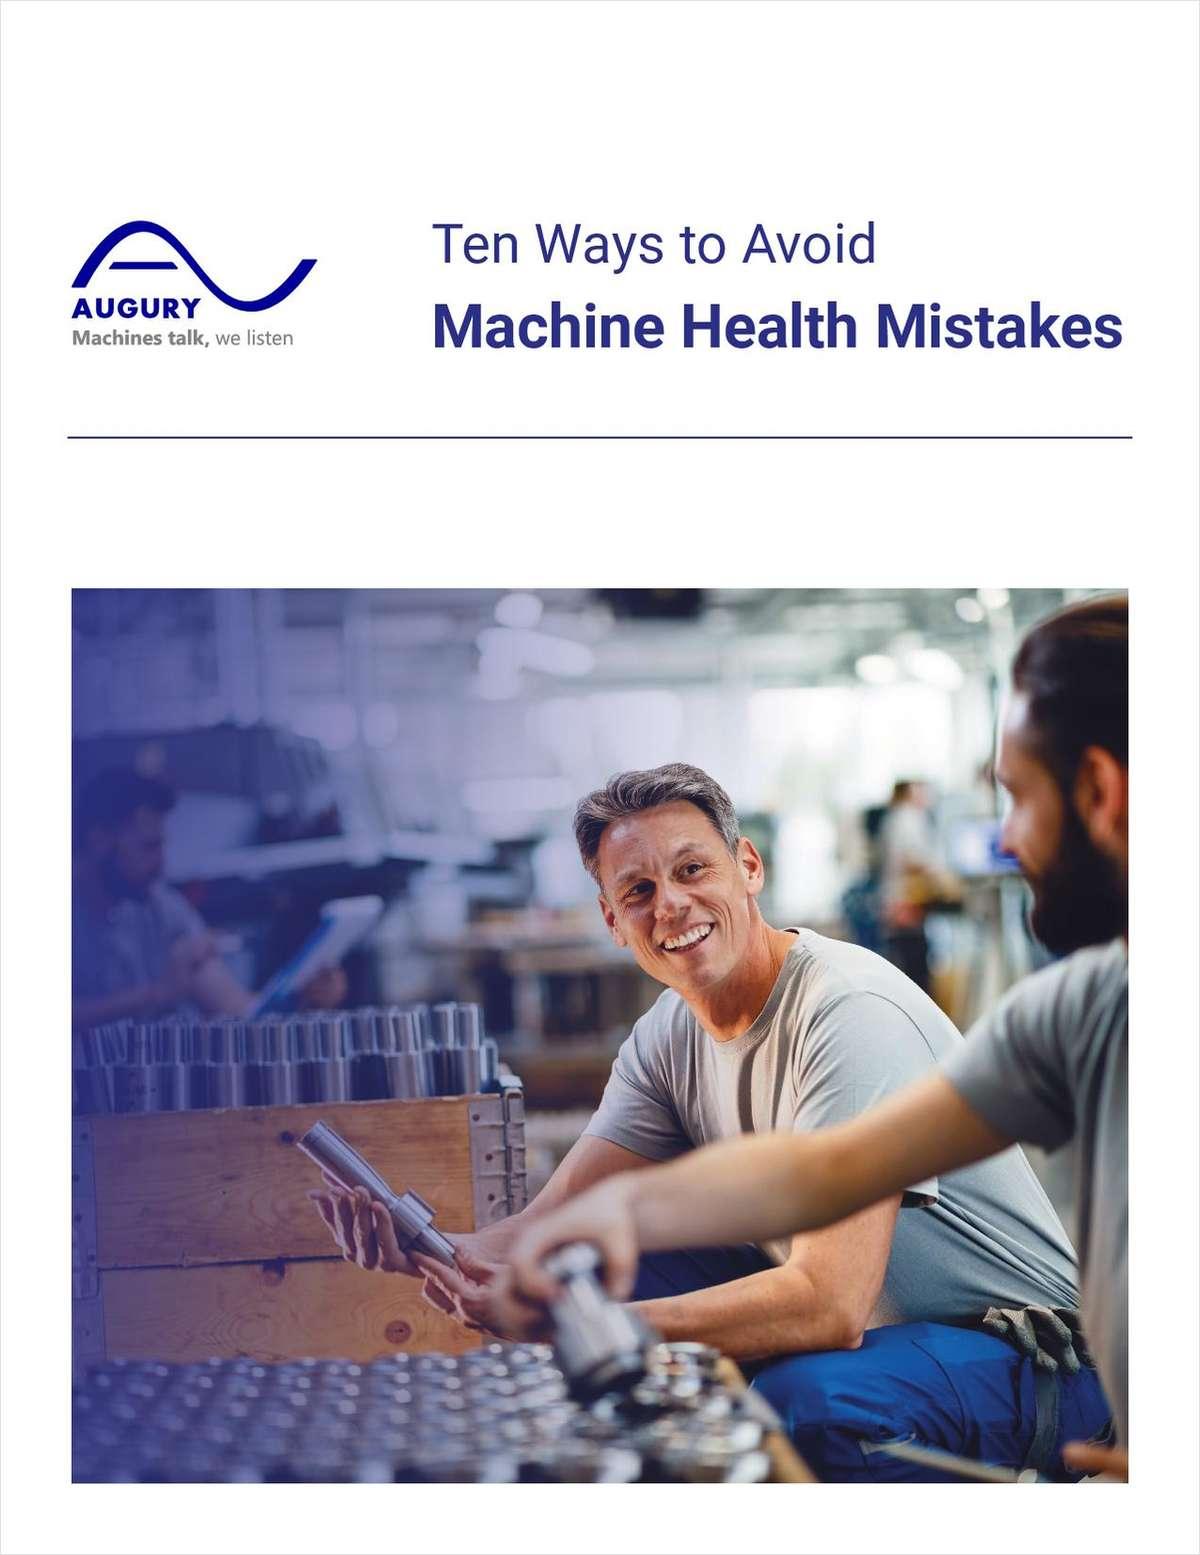 Ten Best Ways Manufacturers Can Avoid Machine Health Mistakes